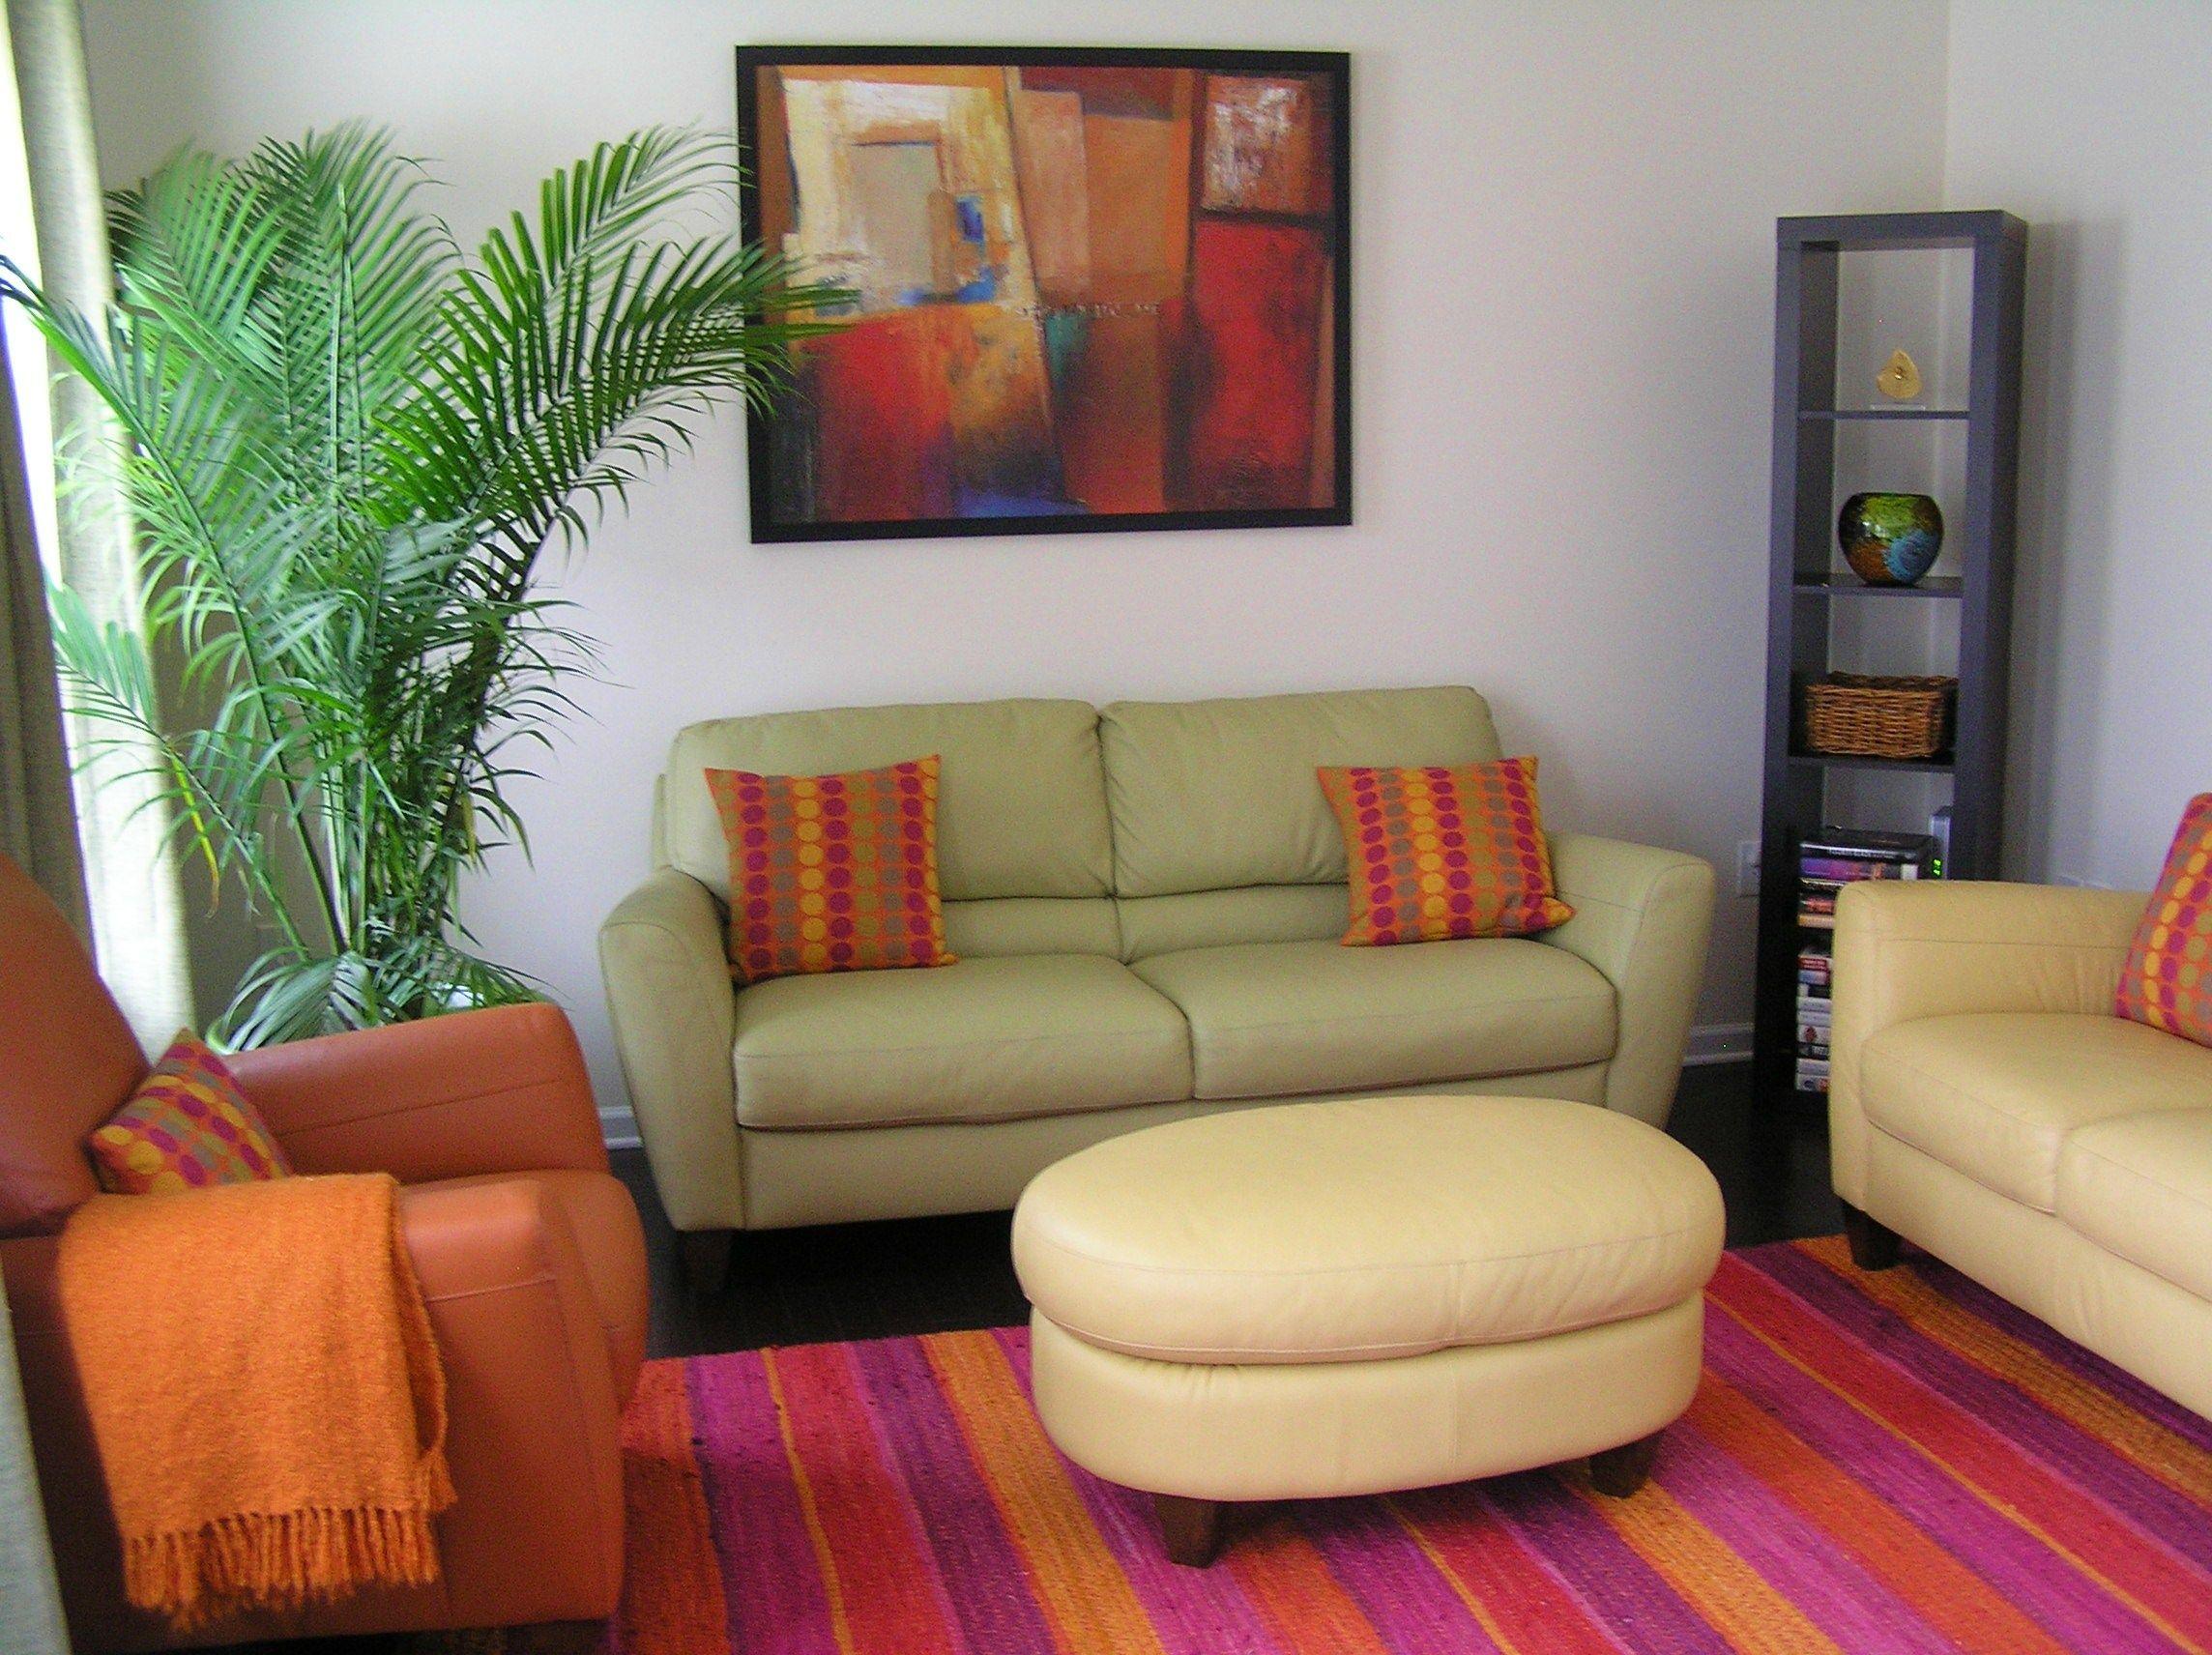 Leather sofa furniture - Macys Almafi Leather Sofa Set Home Decor Pinterest